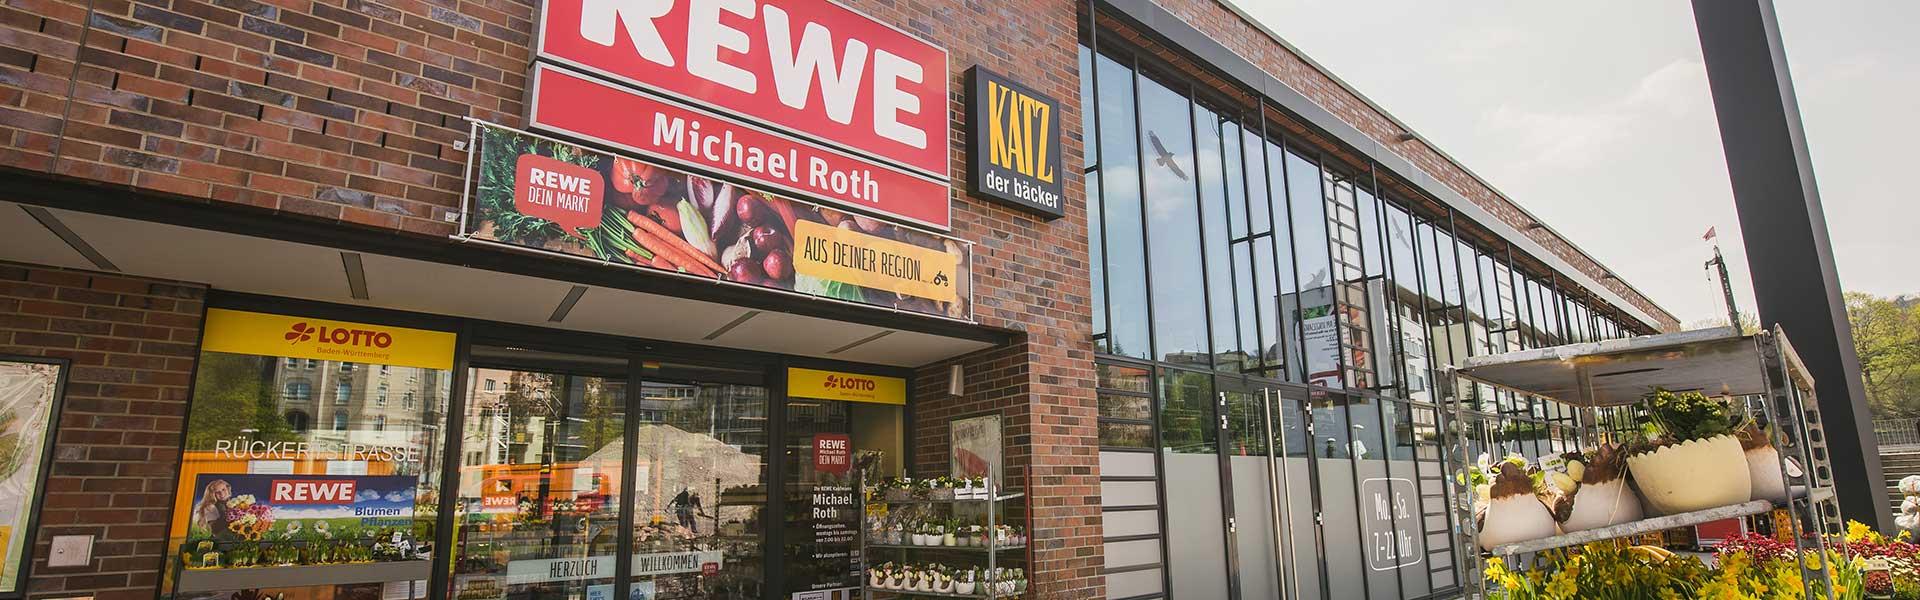 Rewe Roth Service in Stuttgart